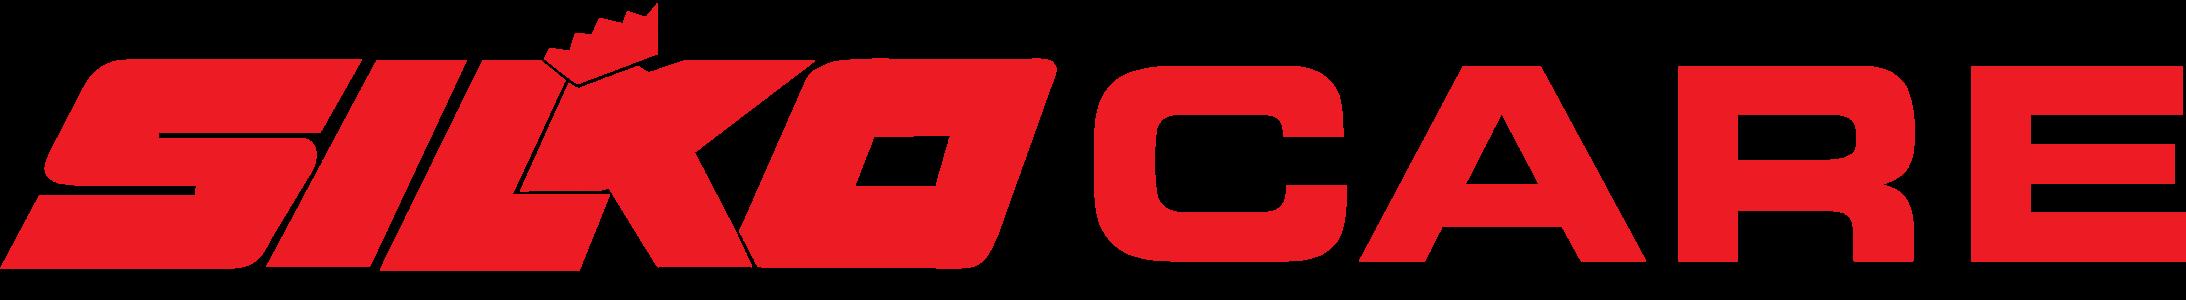 silkoCare (1)